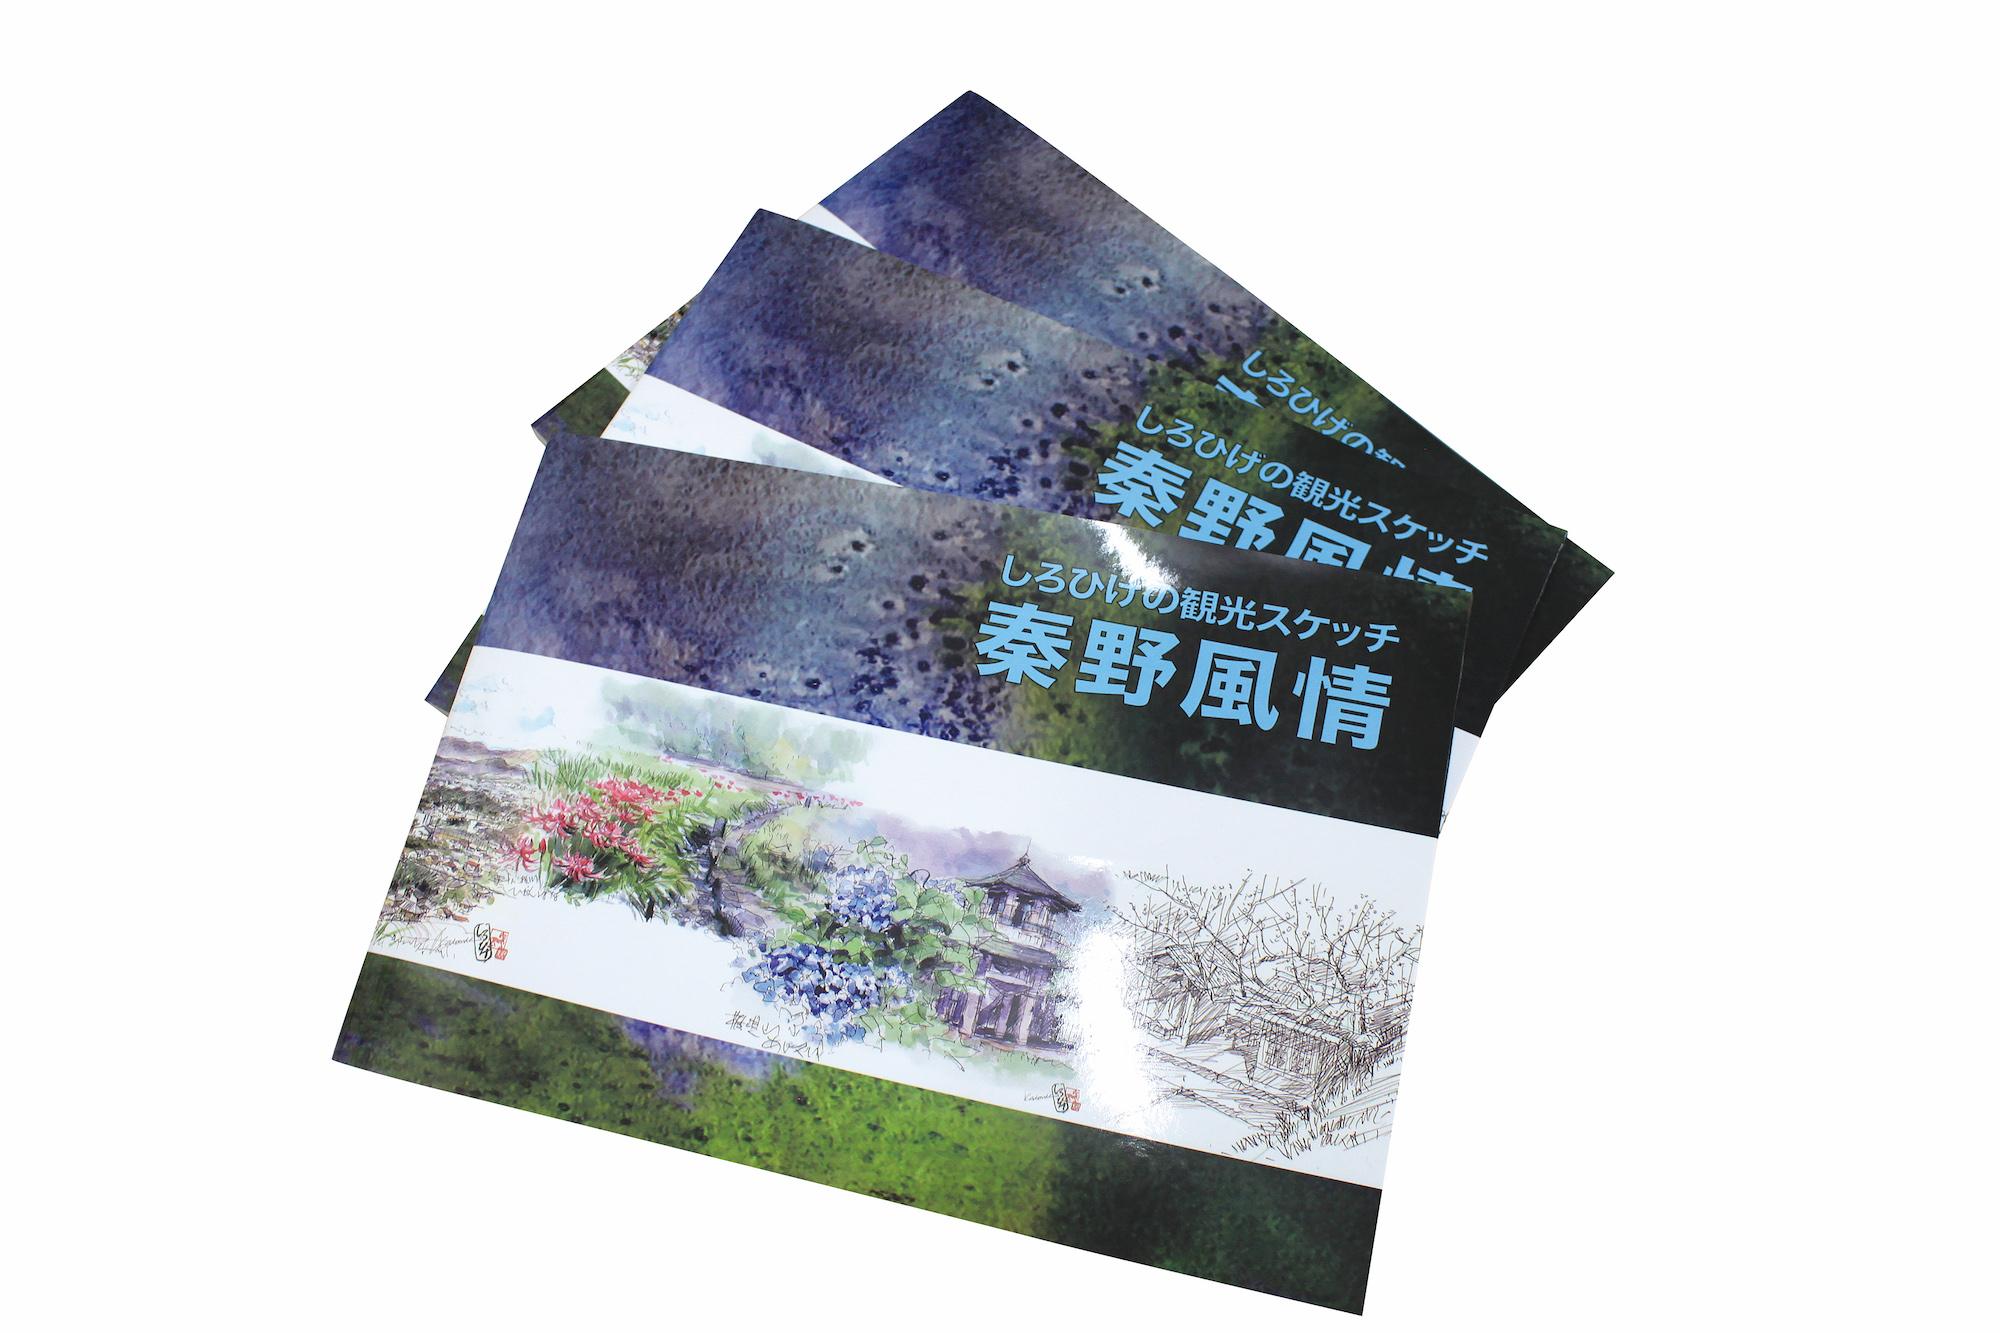 ラッキー賞 秦野の風景スケッチ画集